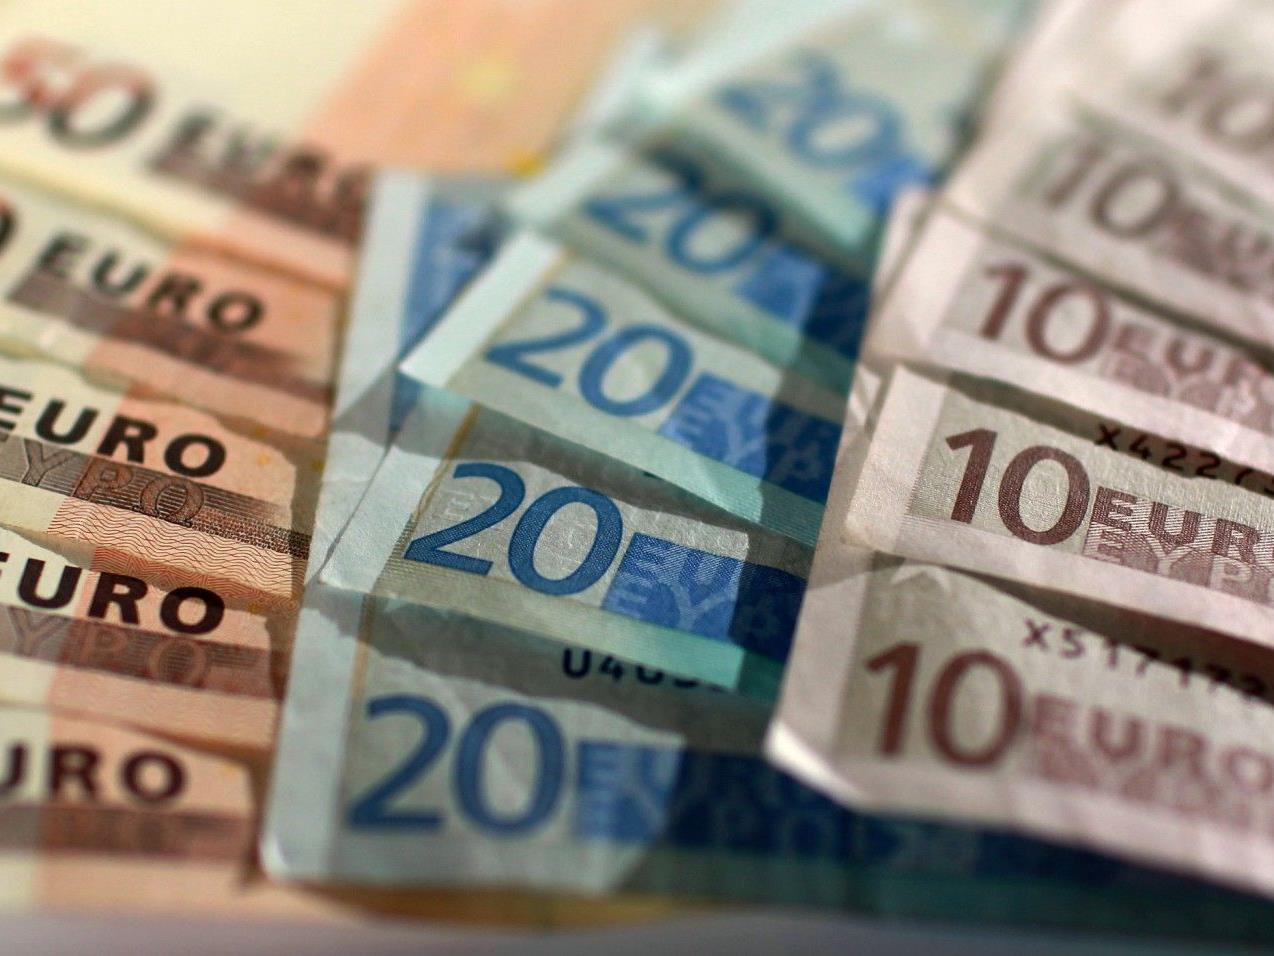 Pensionistin vergaß ihre gesamten Ersparnisse in Wiener Bus.